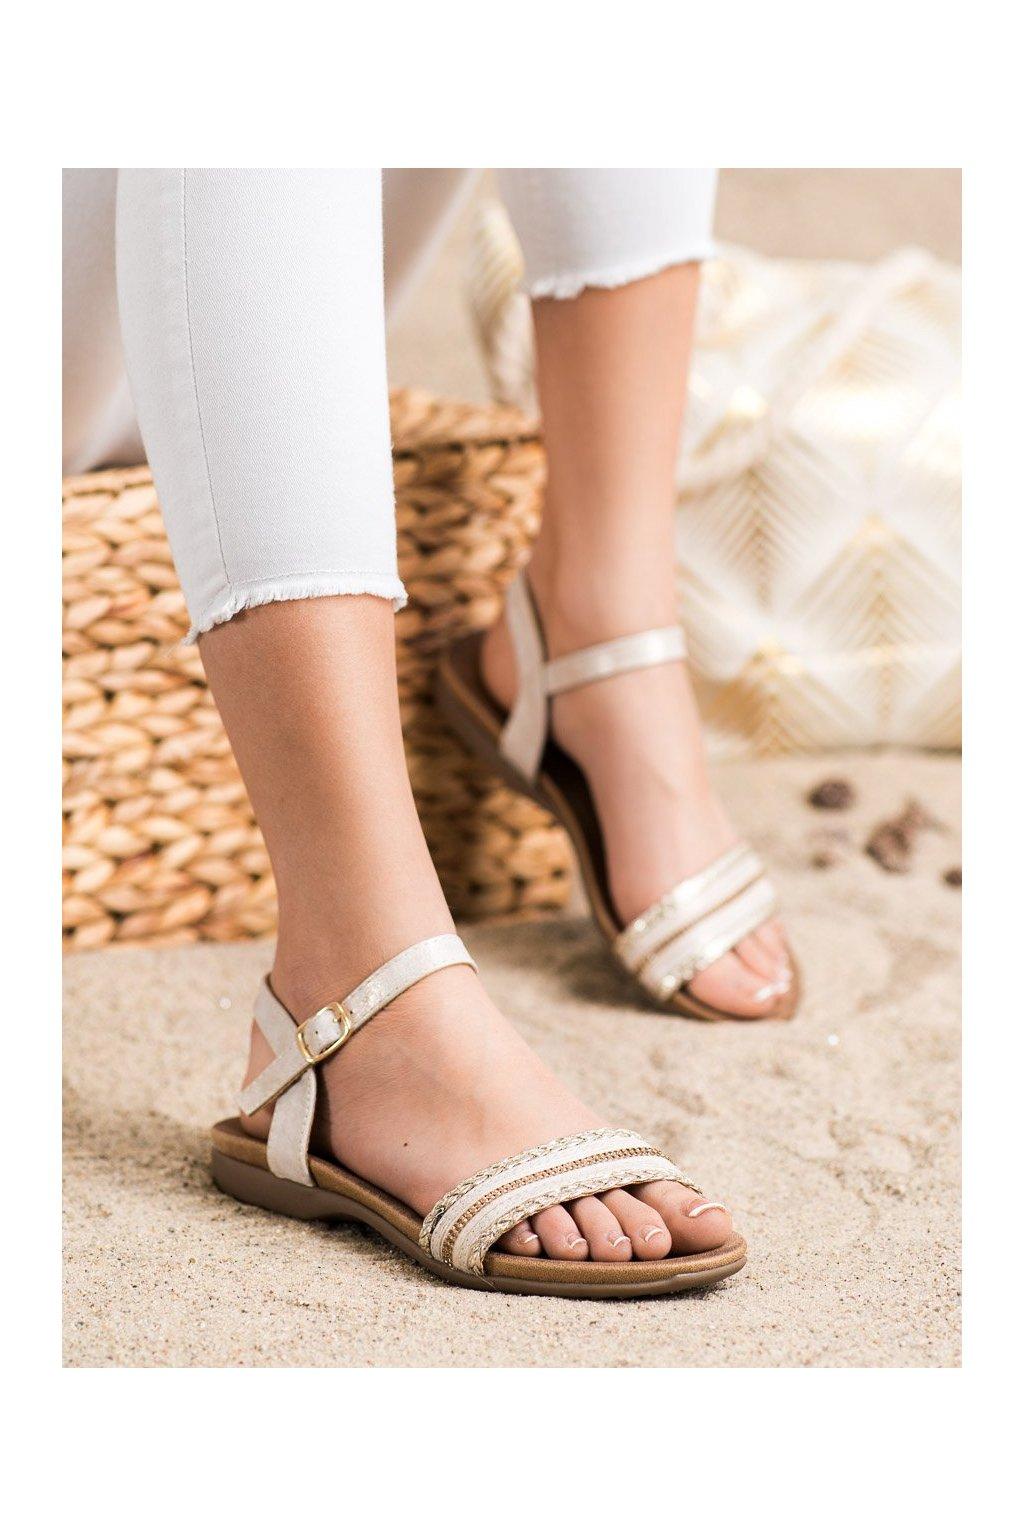 Zlaté sandále s plochou podrážkou S. barski kod 6708GO